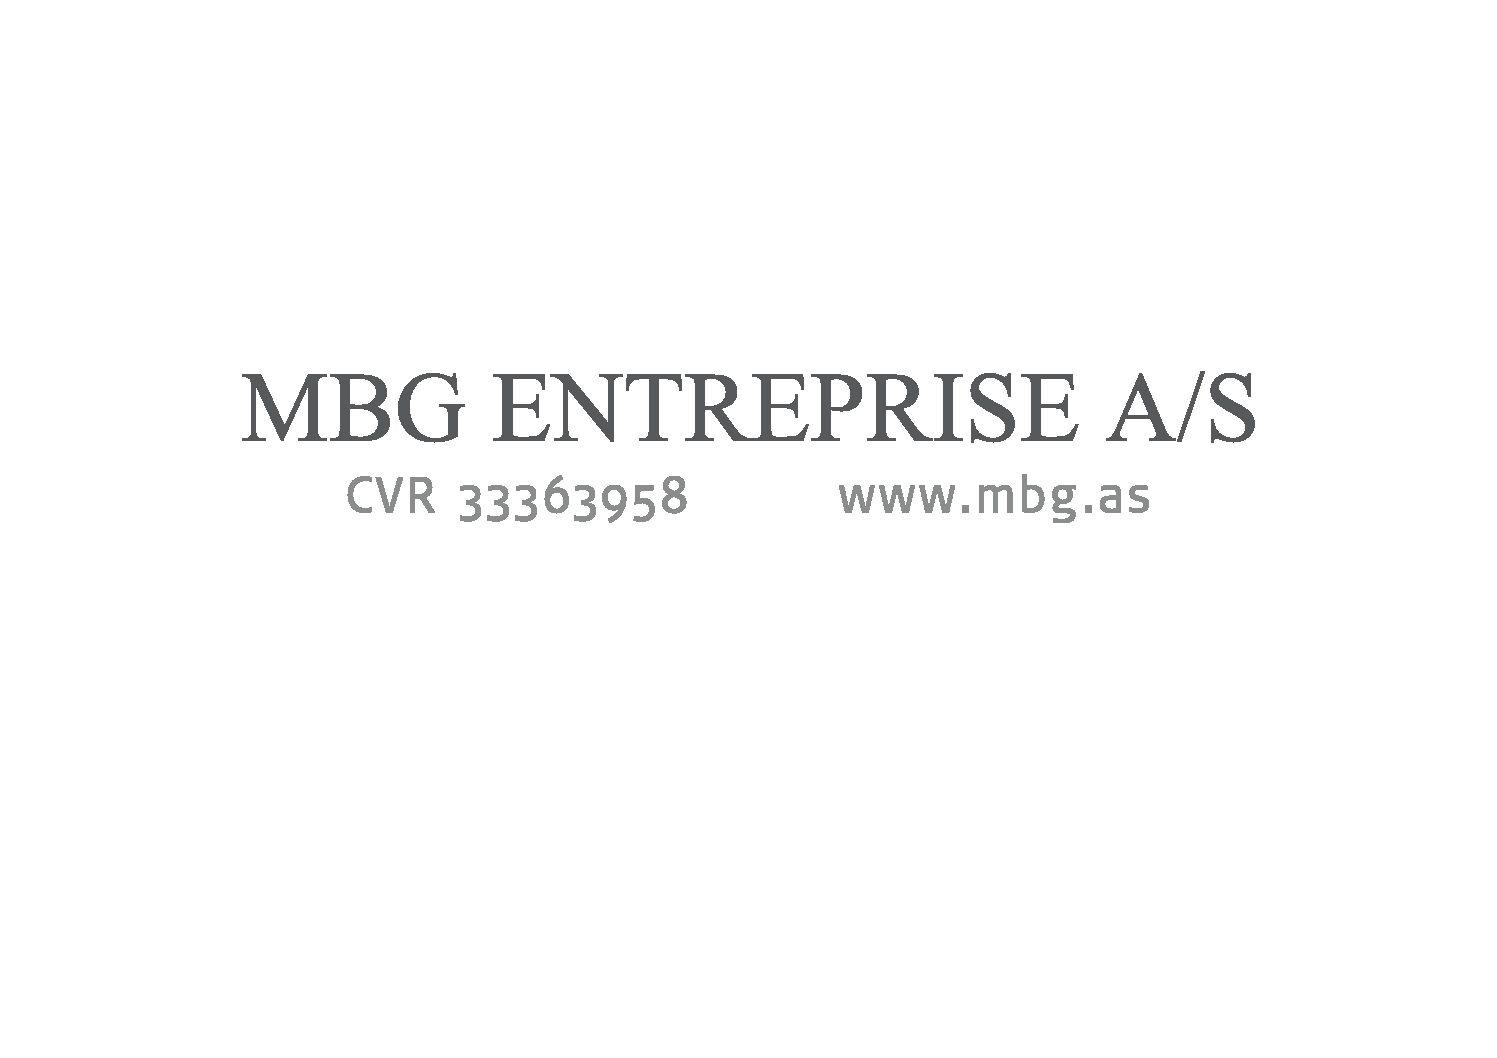 MBG Entreprise A/S